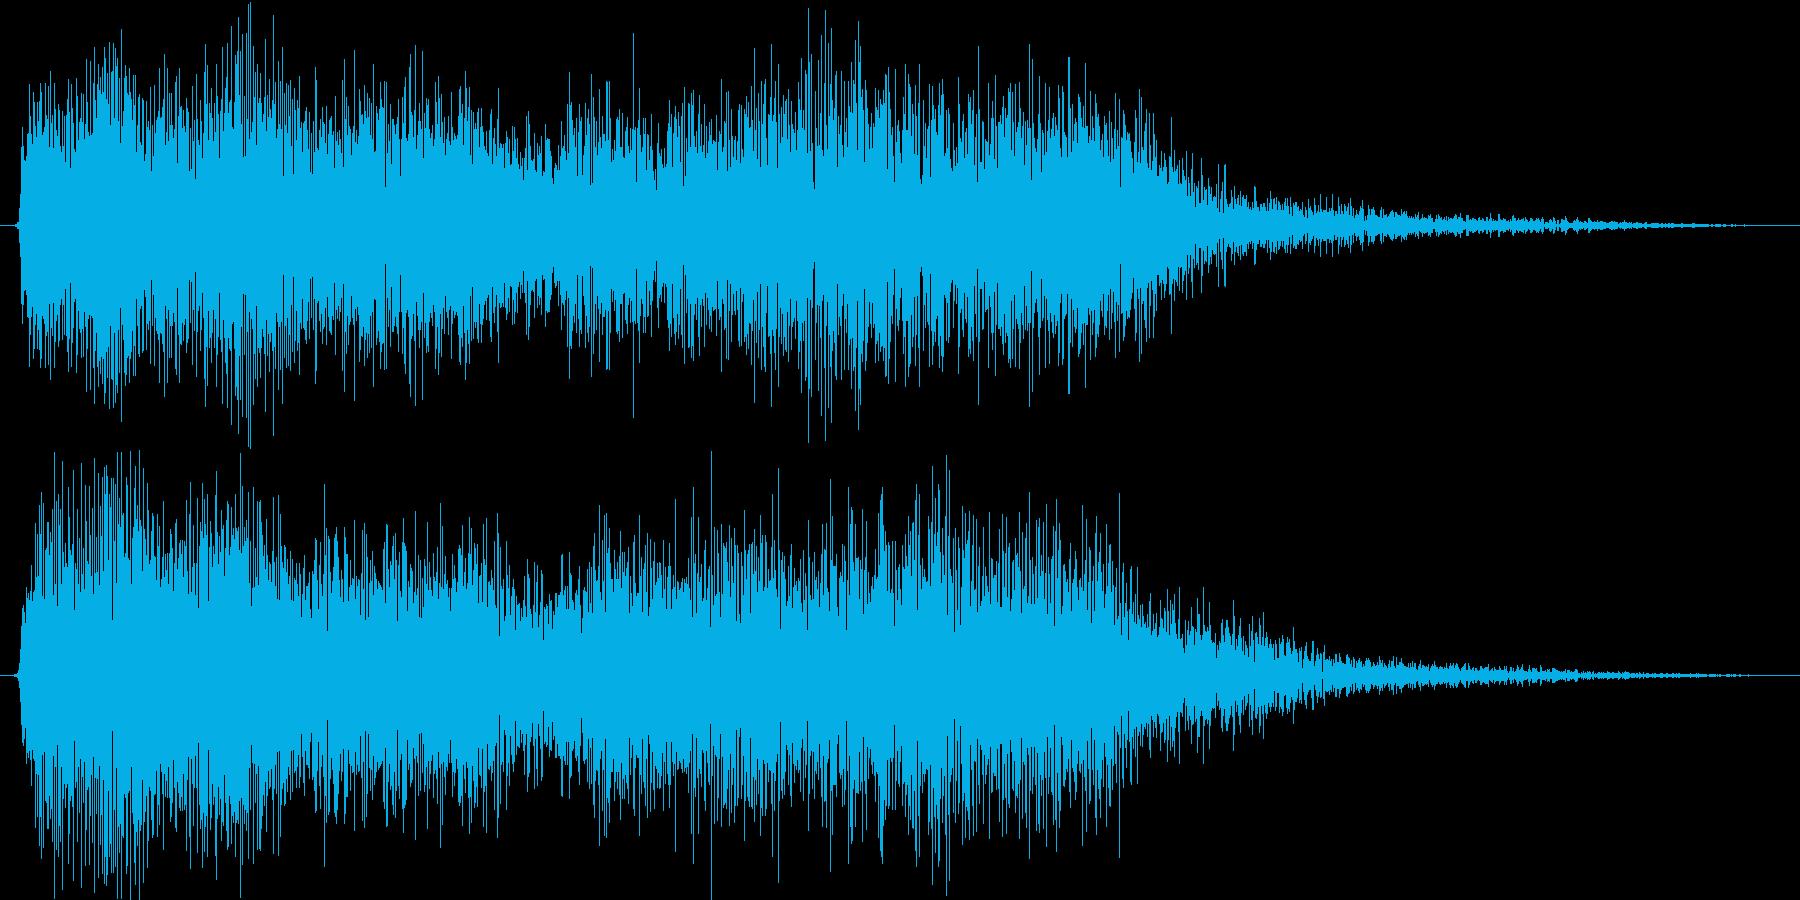 クラシックなイベントロスト曲1の再生済みの波形